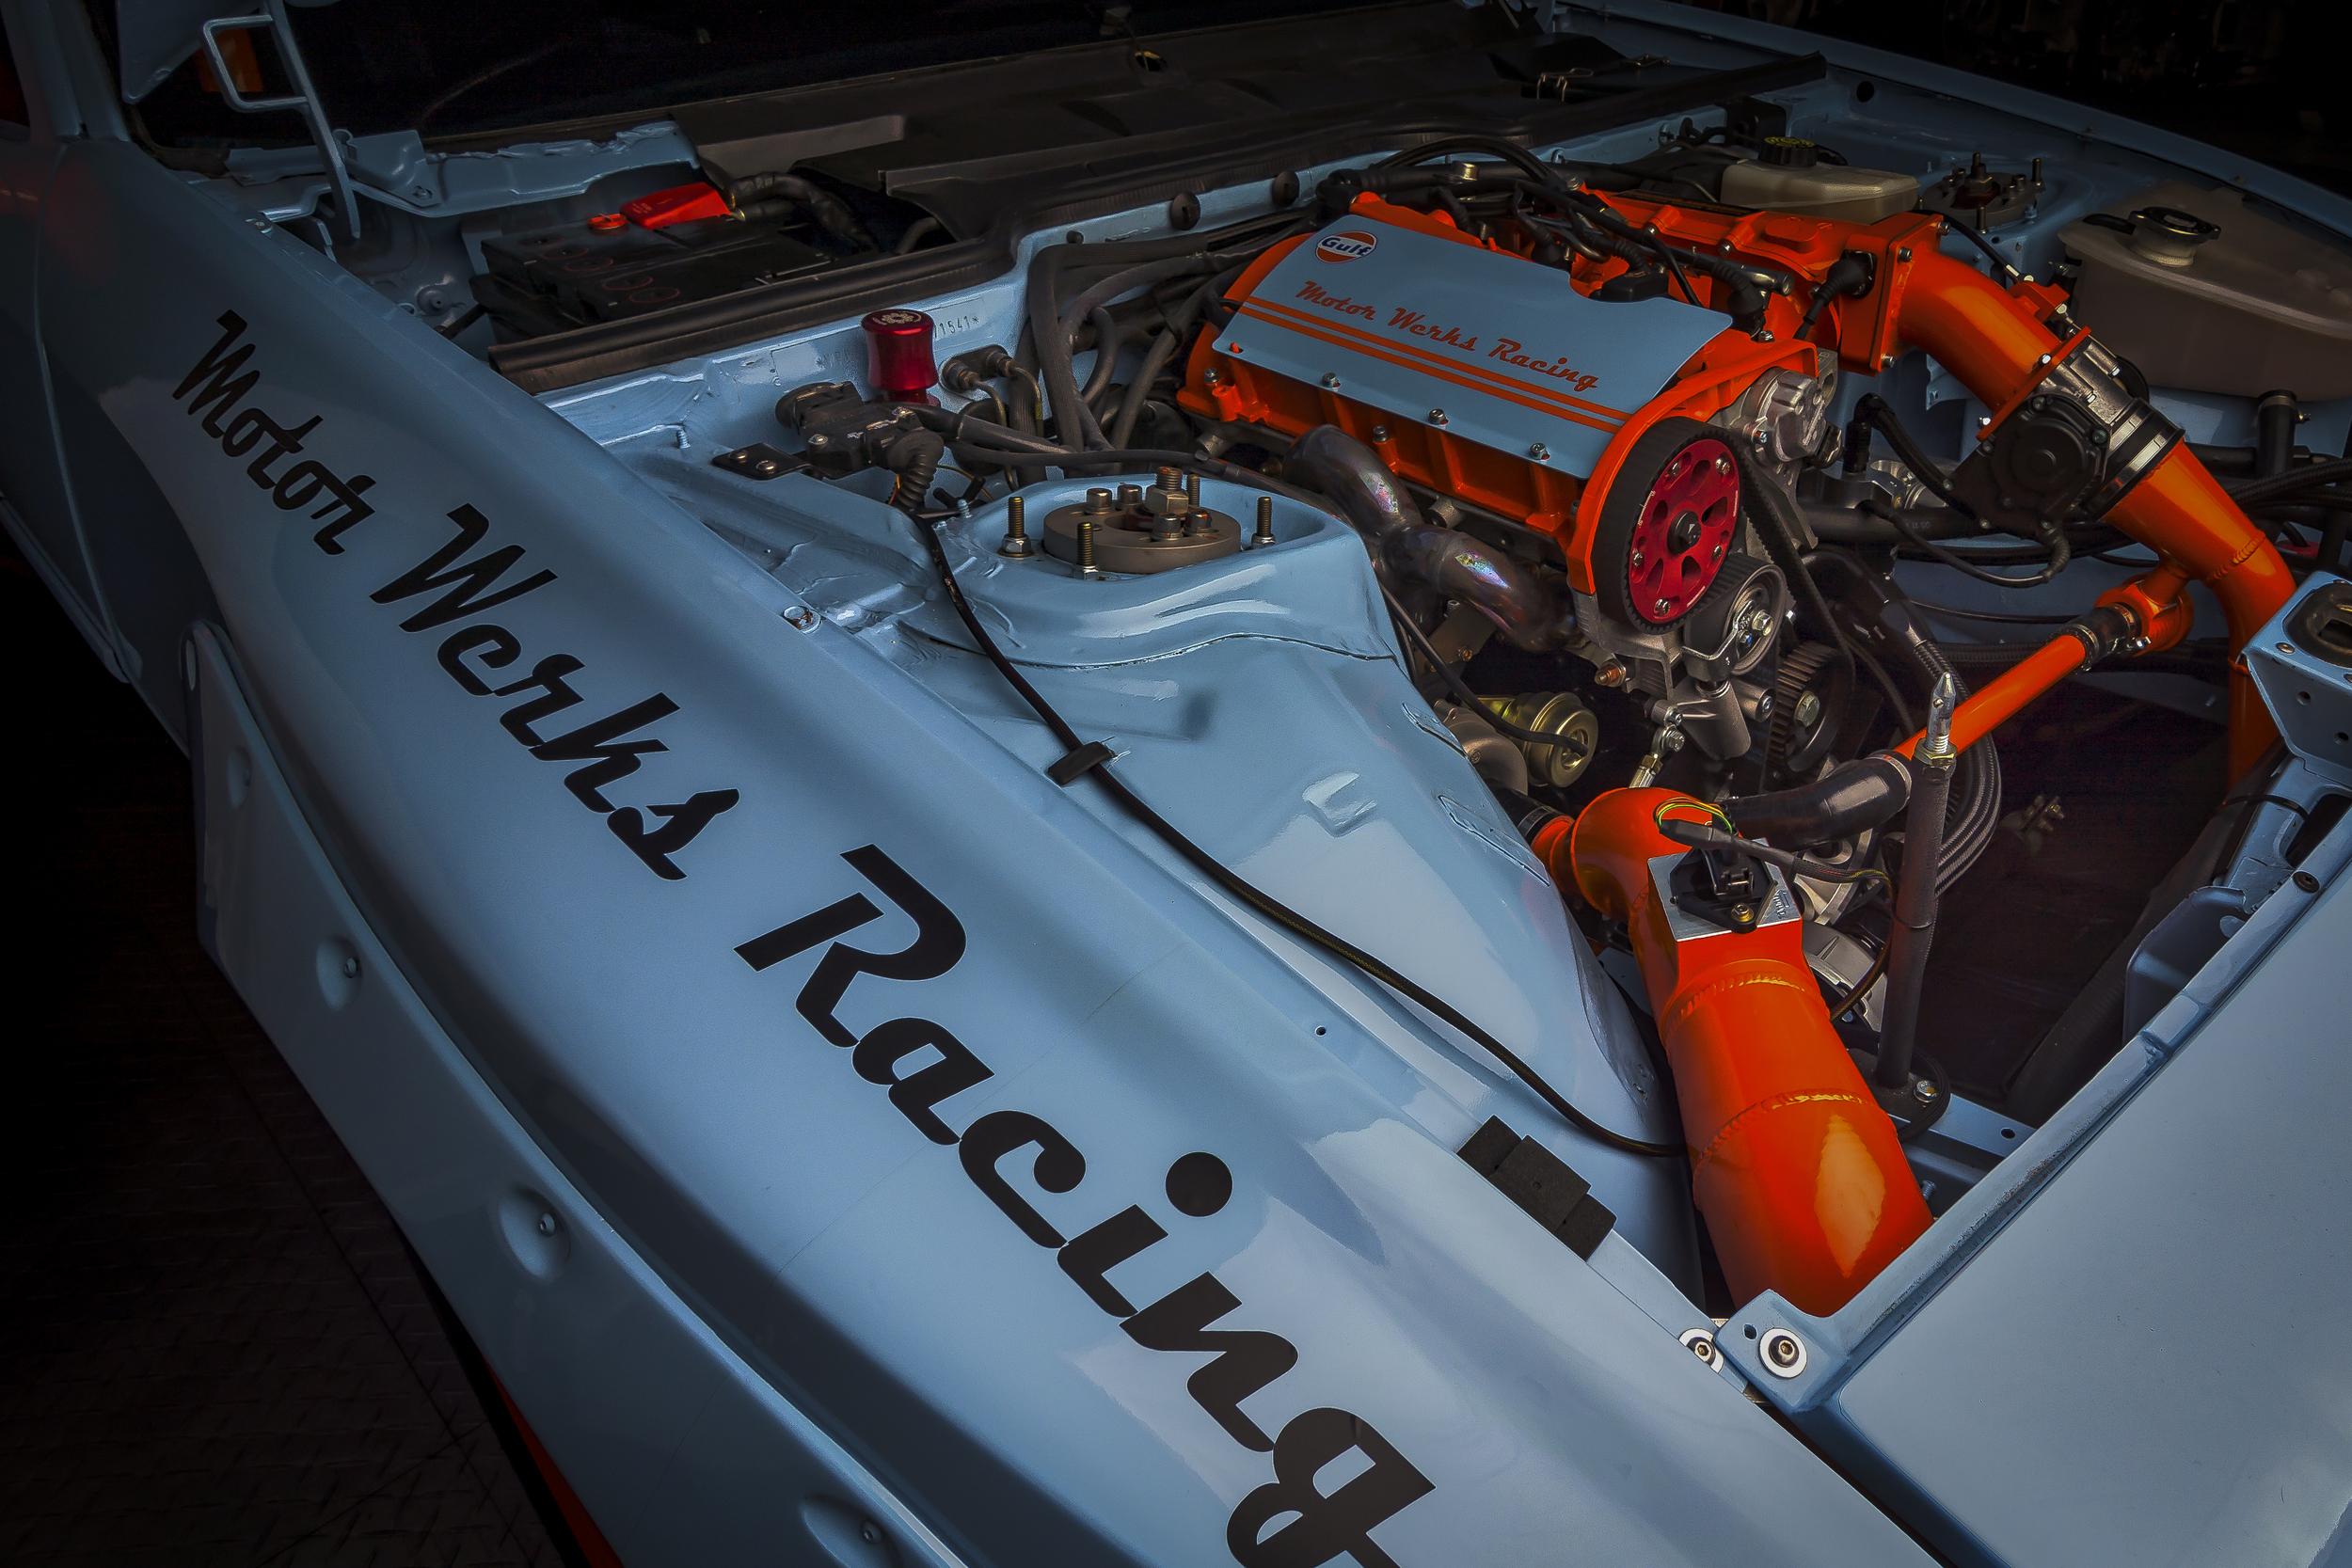 Motor Werks Racing Porsche 944 1.8T Engine Conversion